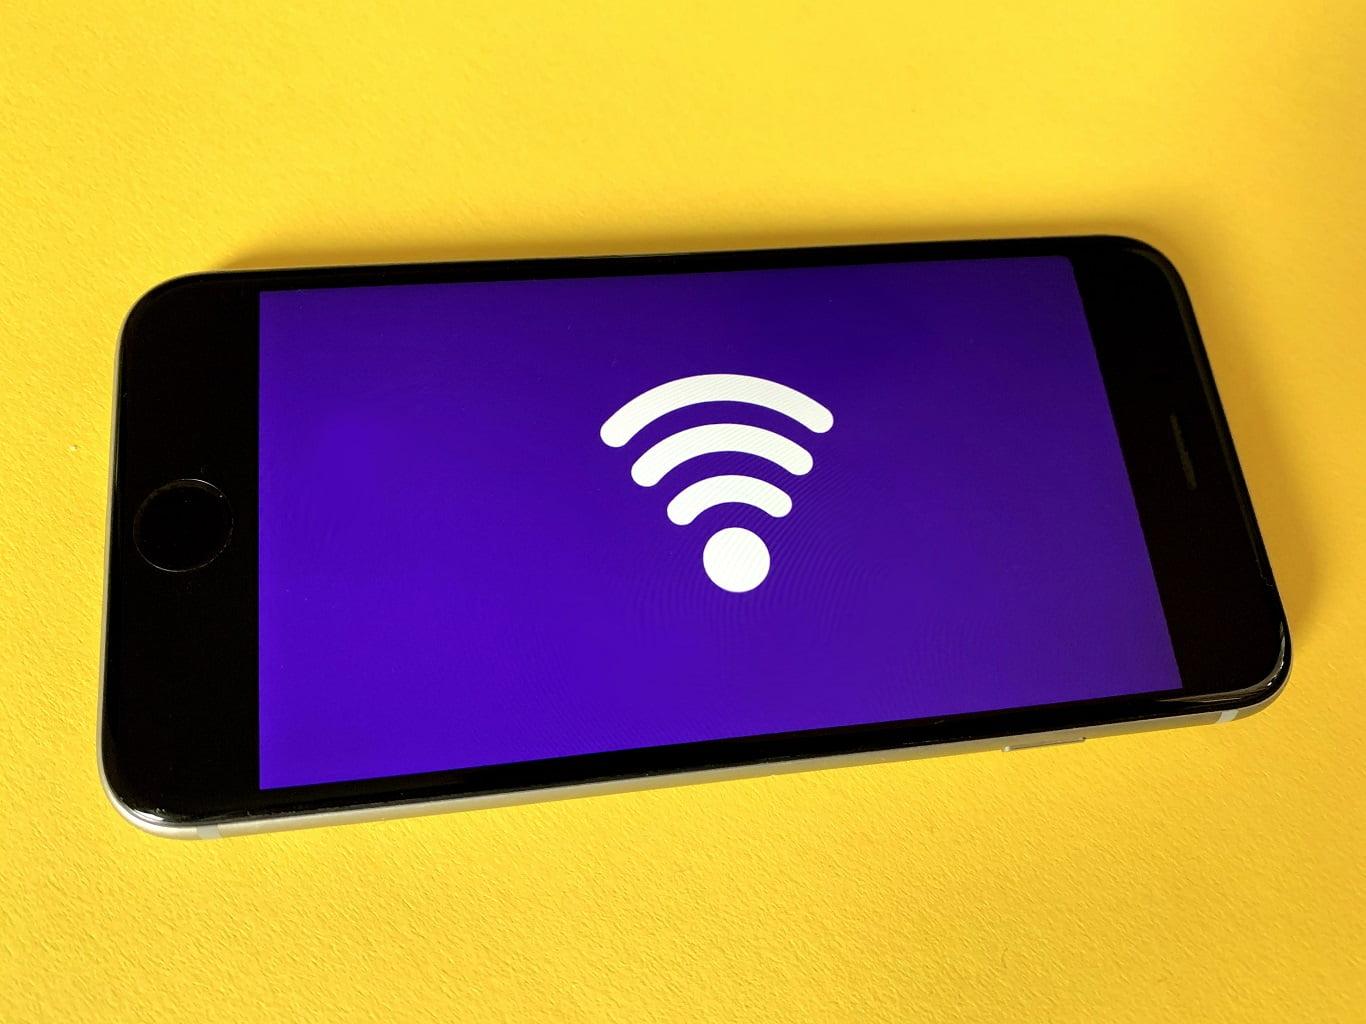 Telefonum hicbir wifi yi kablosuz agi gormuyor